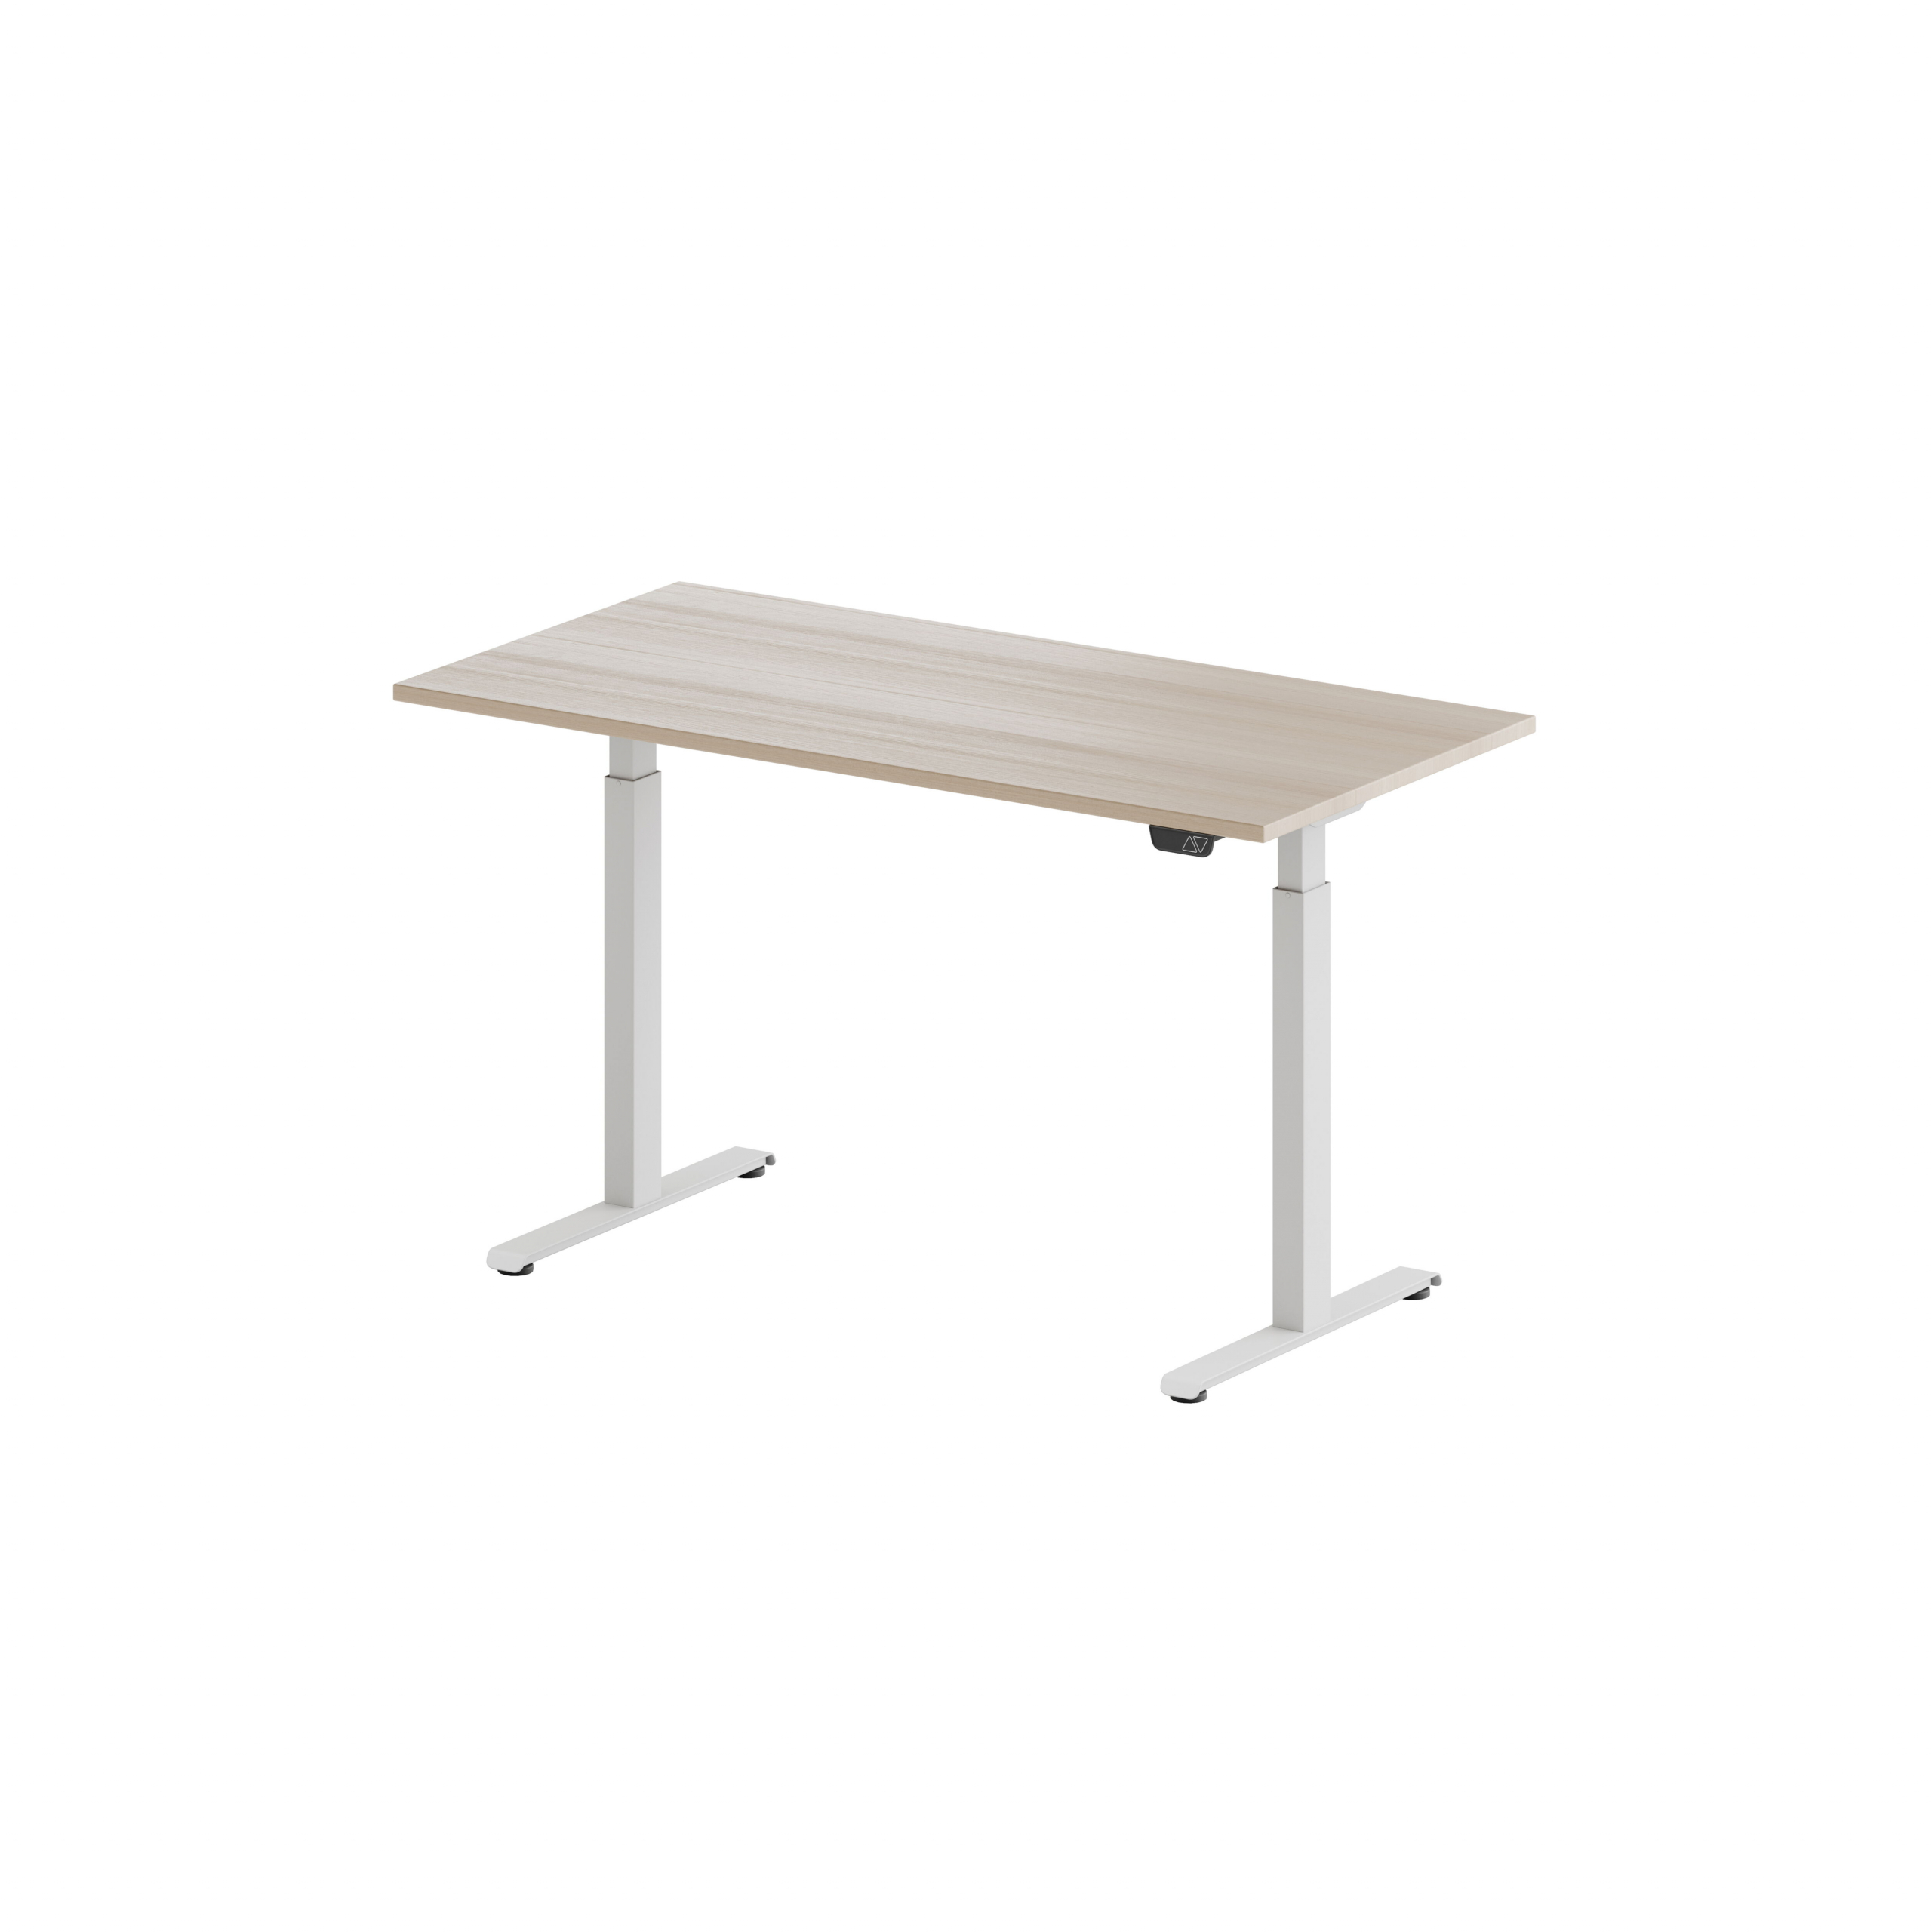 Neet Skrivbord sitt/stå produktbild 1